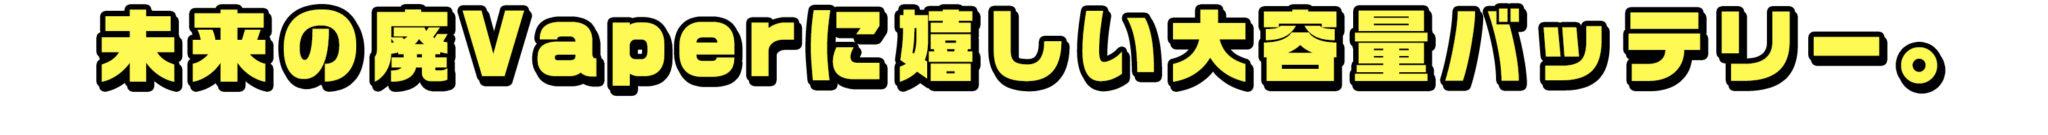 title3 - 【レビュー】充実しすぎのVAPEスターターキット「最新・最強ピコレボ 21700スターターキット」がベプログショップから爆誕!! これで華麗に入門しちゃいなyo!!